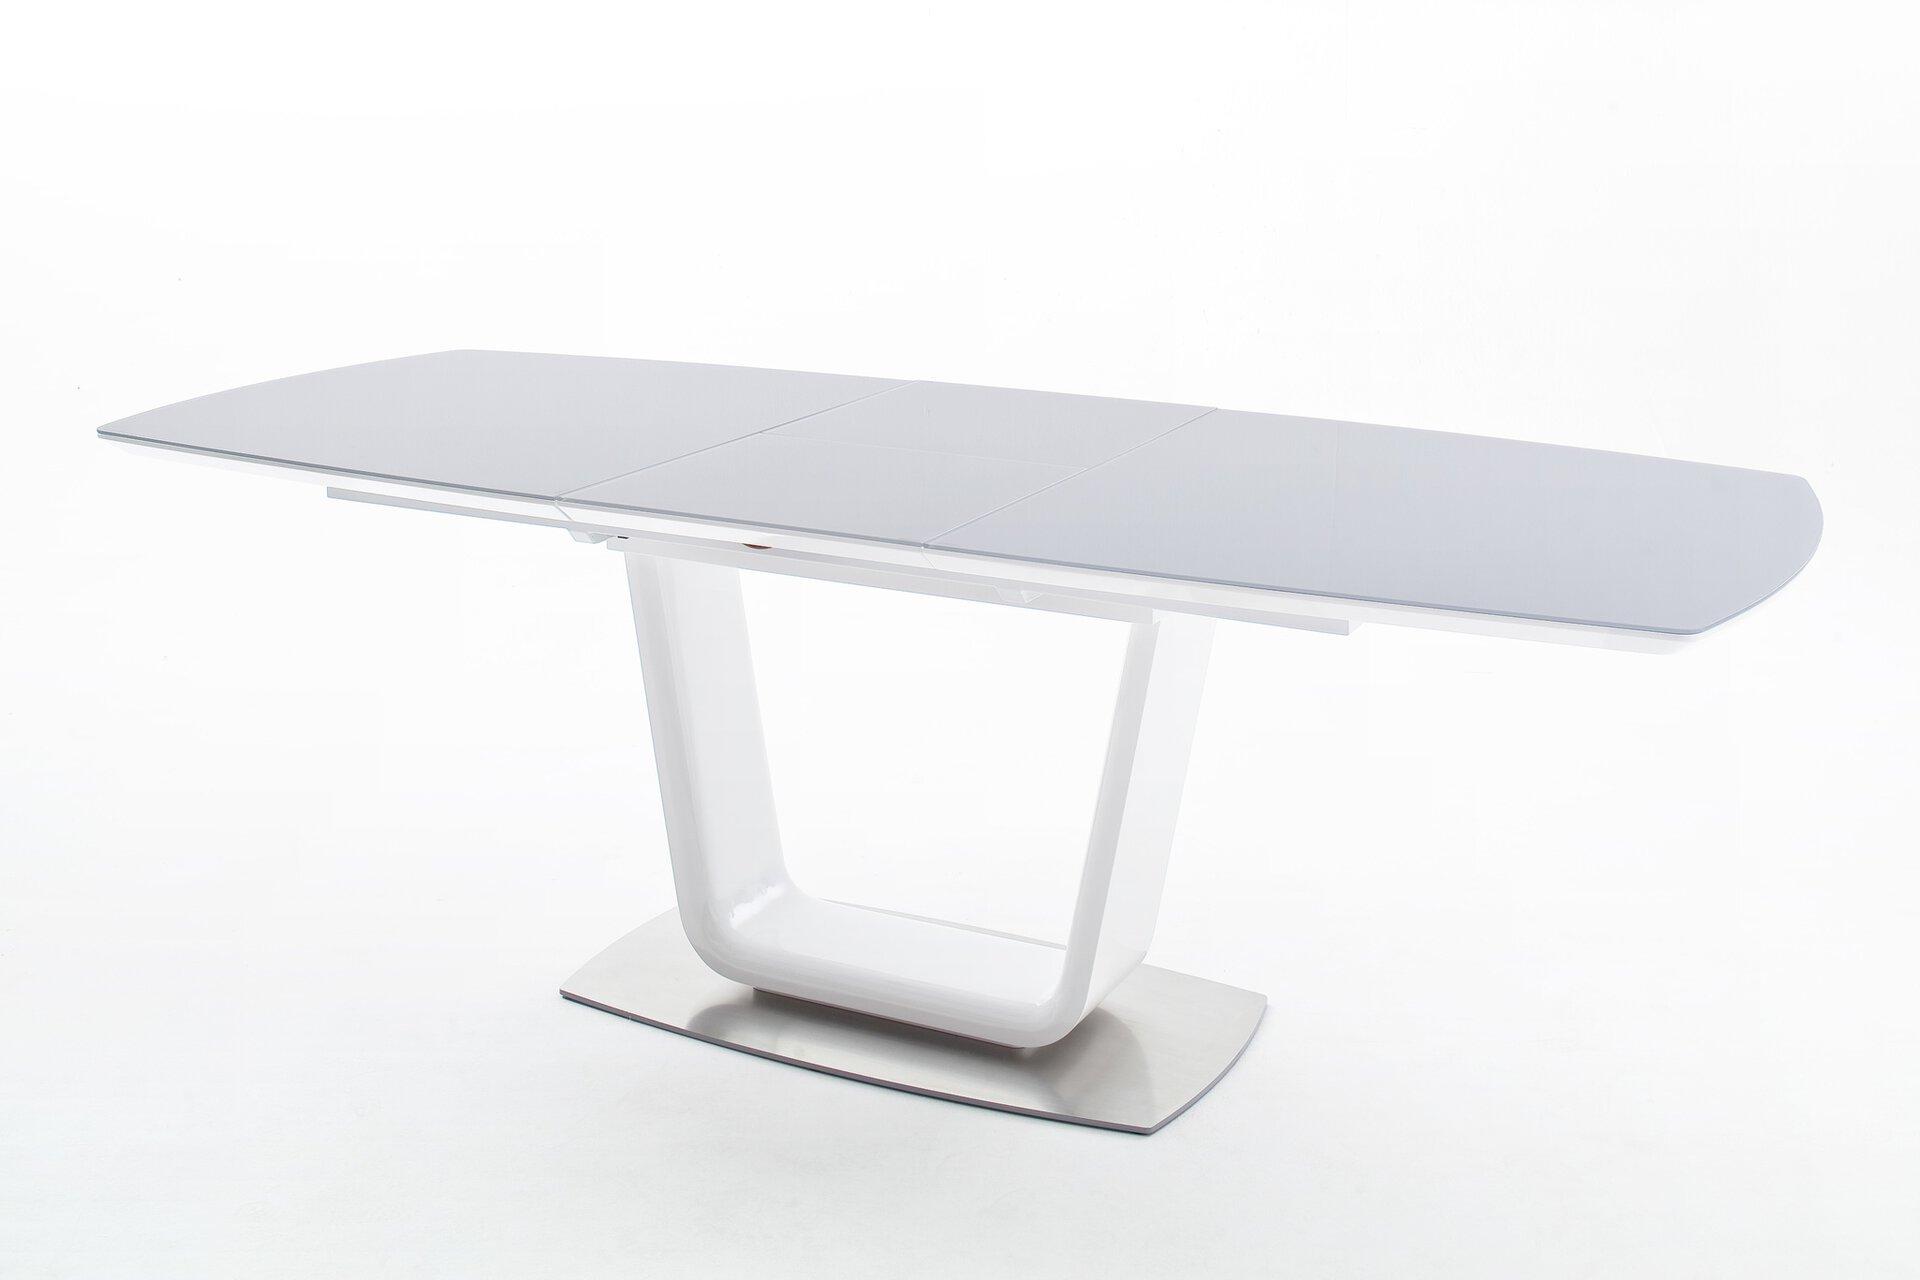 Esstisch XANDER MCA furniture Holzwerkstoff mehrfarbig 95 x 76 x 180 cm